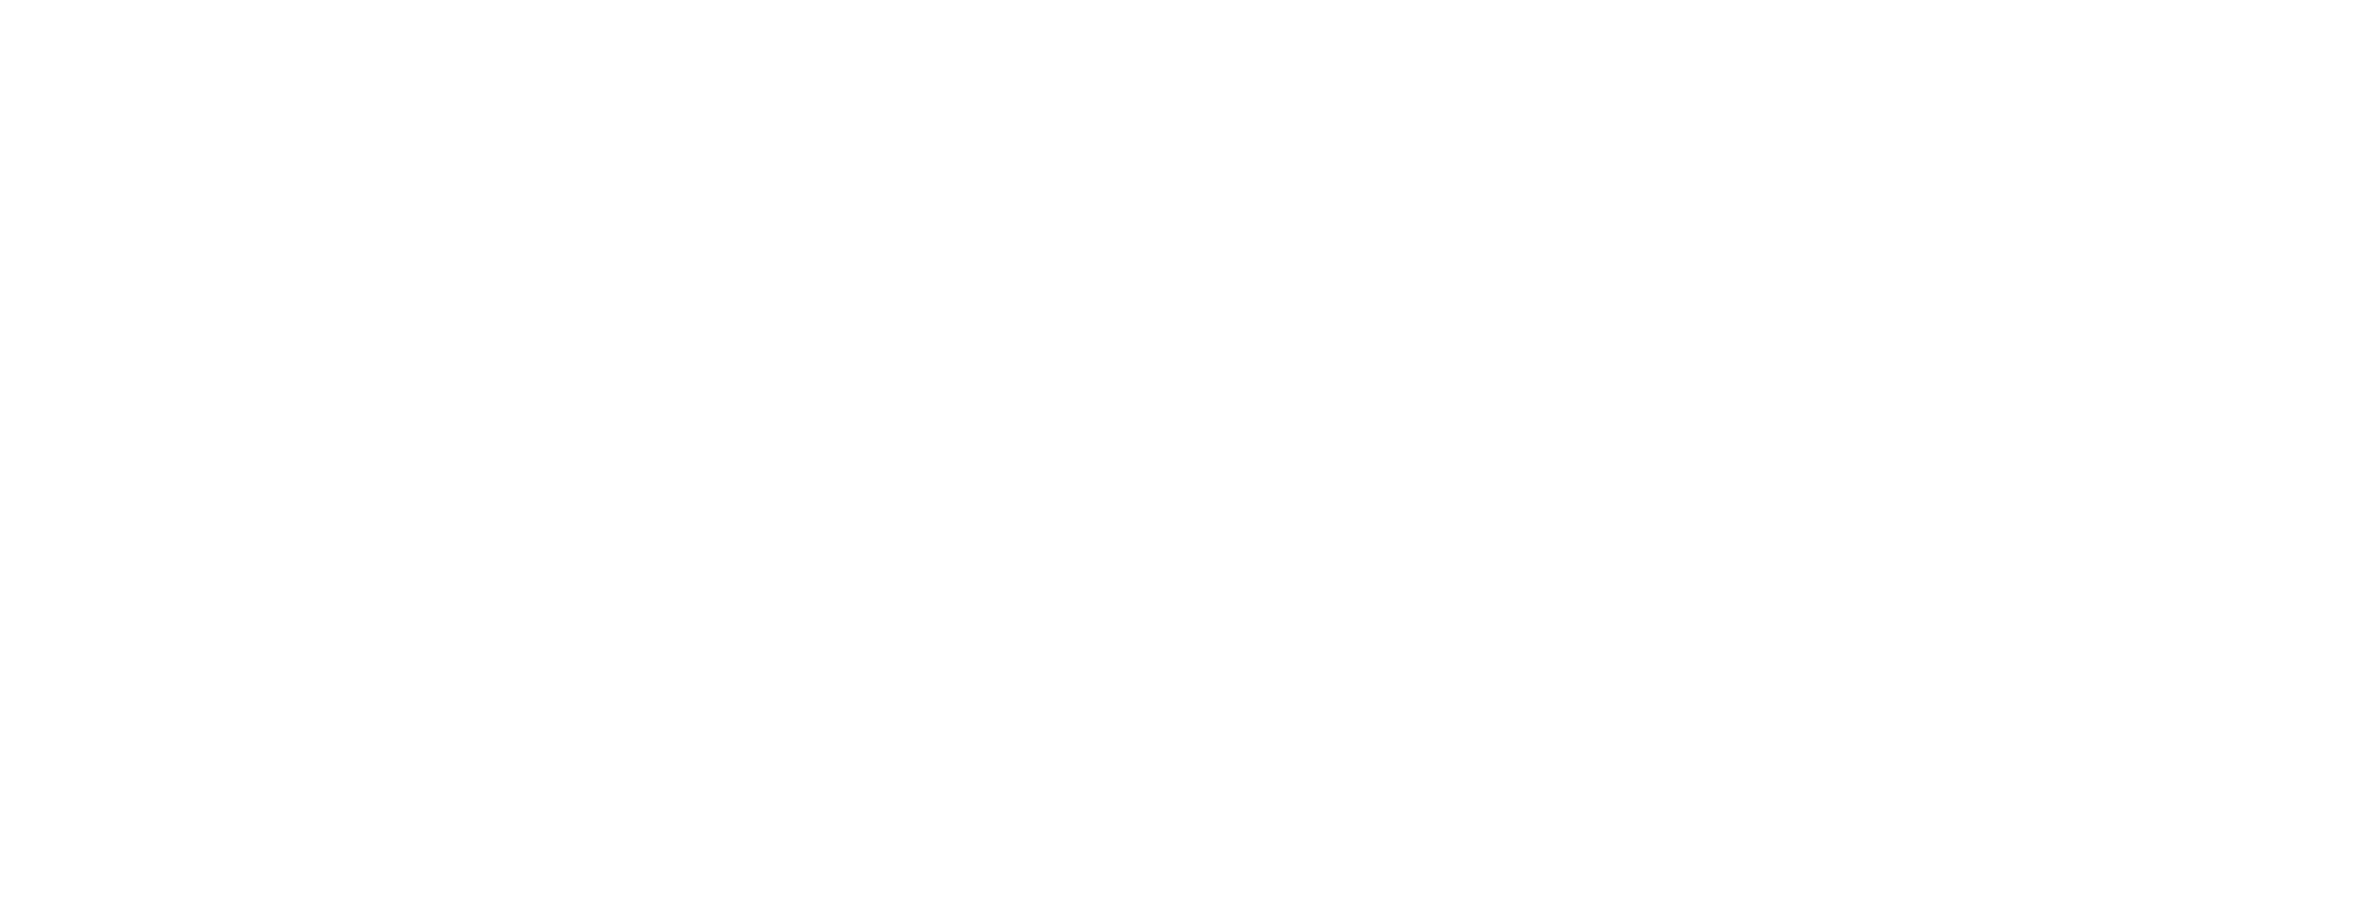 Logo Ruba en blanco